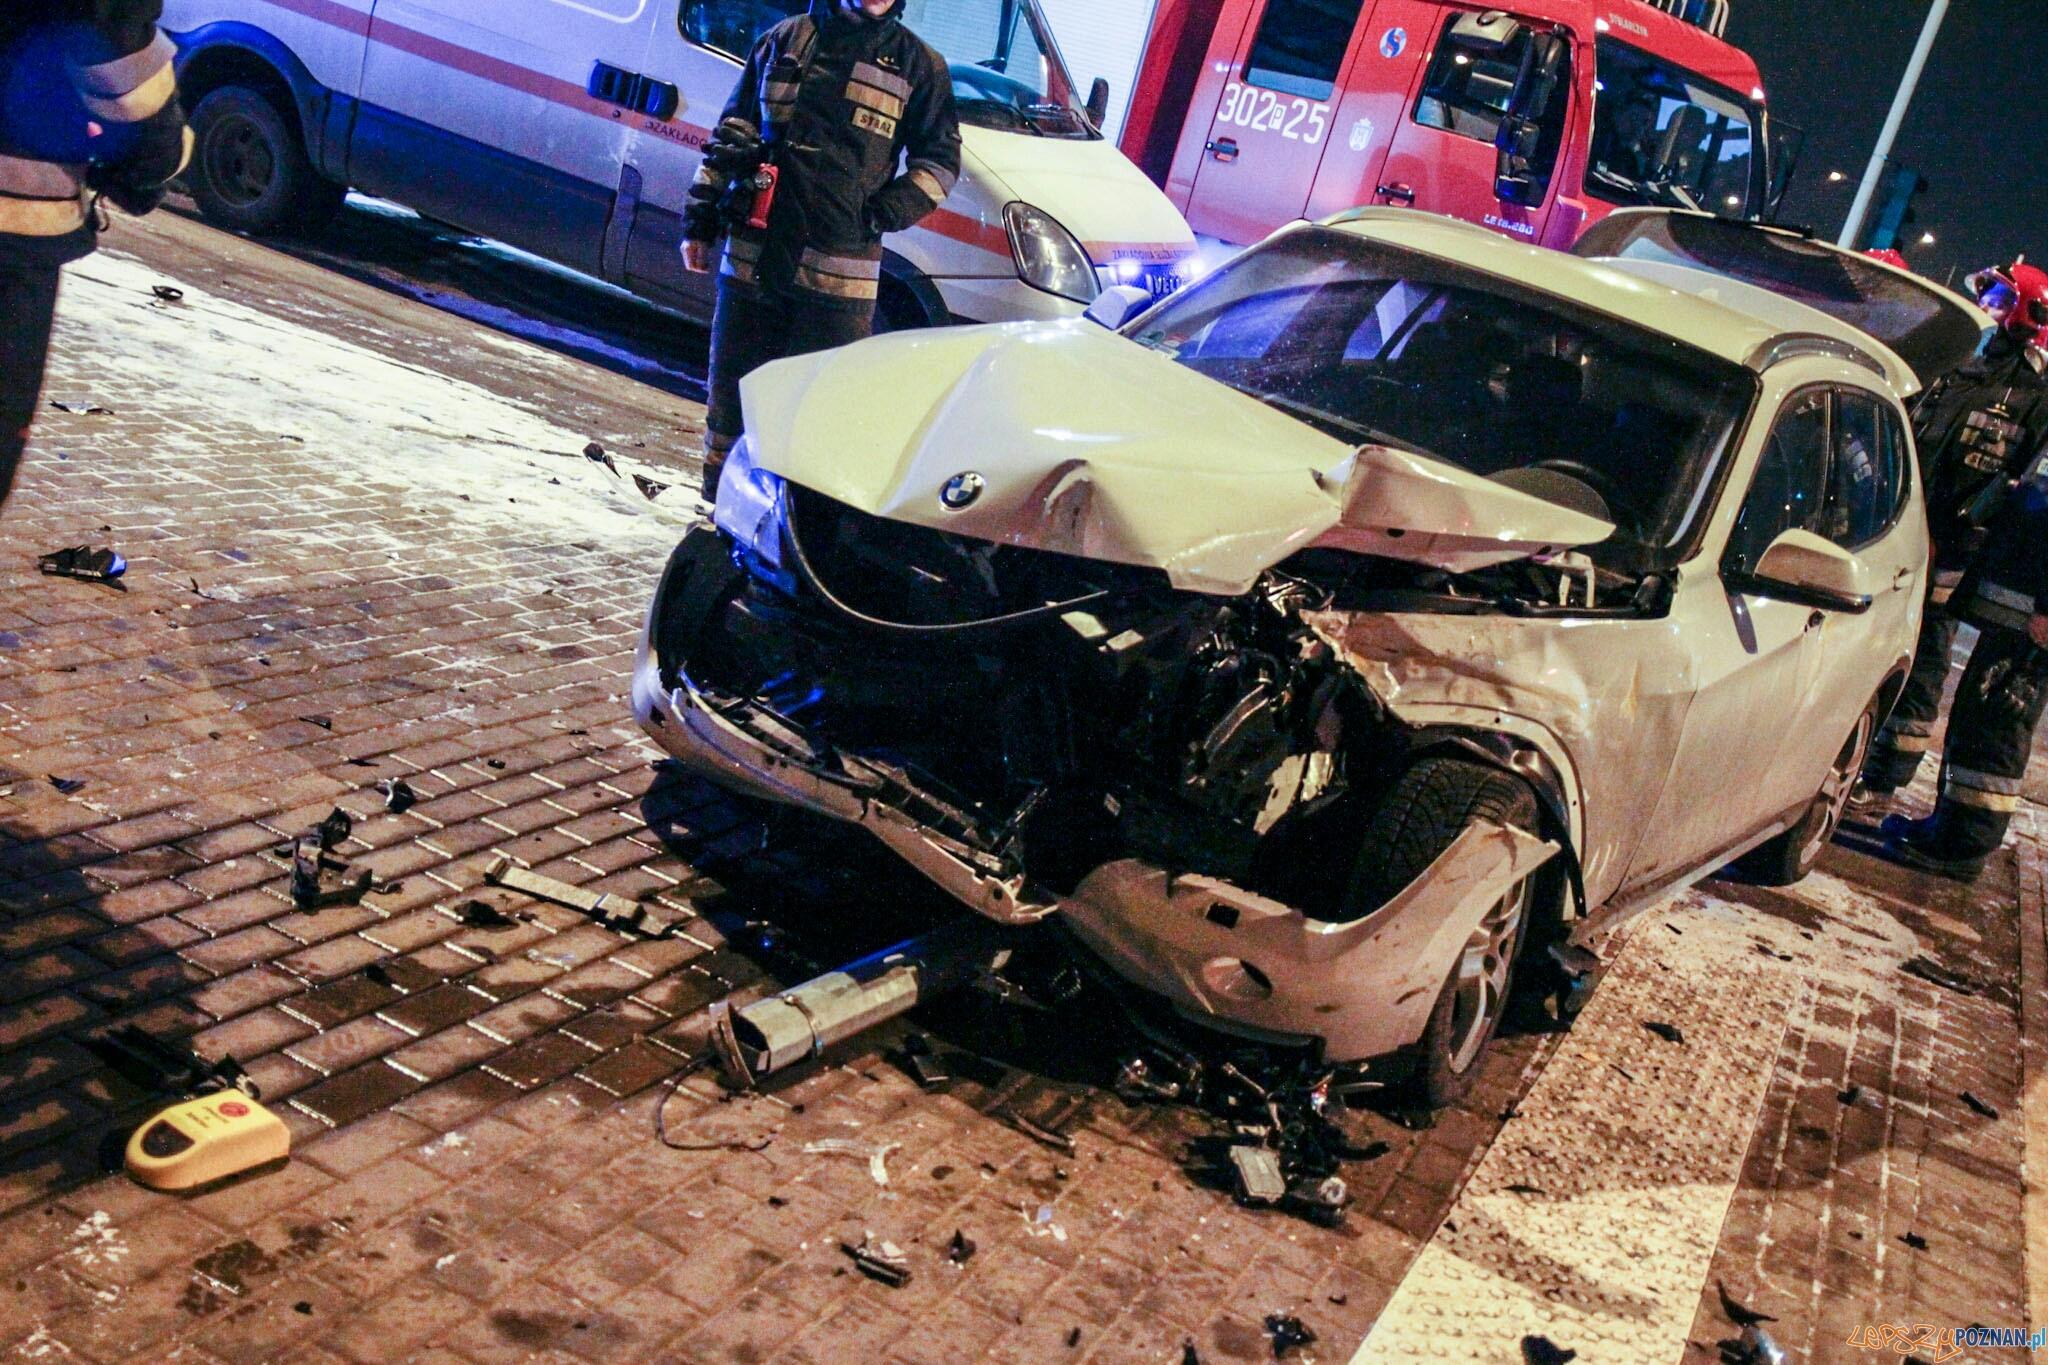 Zderzenie bimby z autem rondo Skubiszewskiego  Foto: lepszyPOZNAN.pl / Paweł Rychter